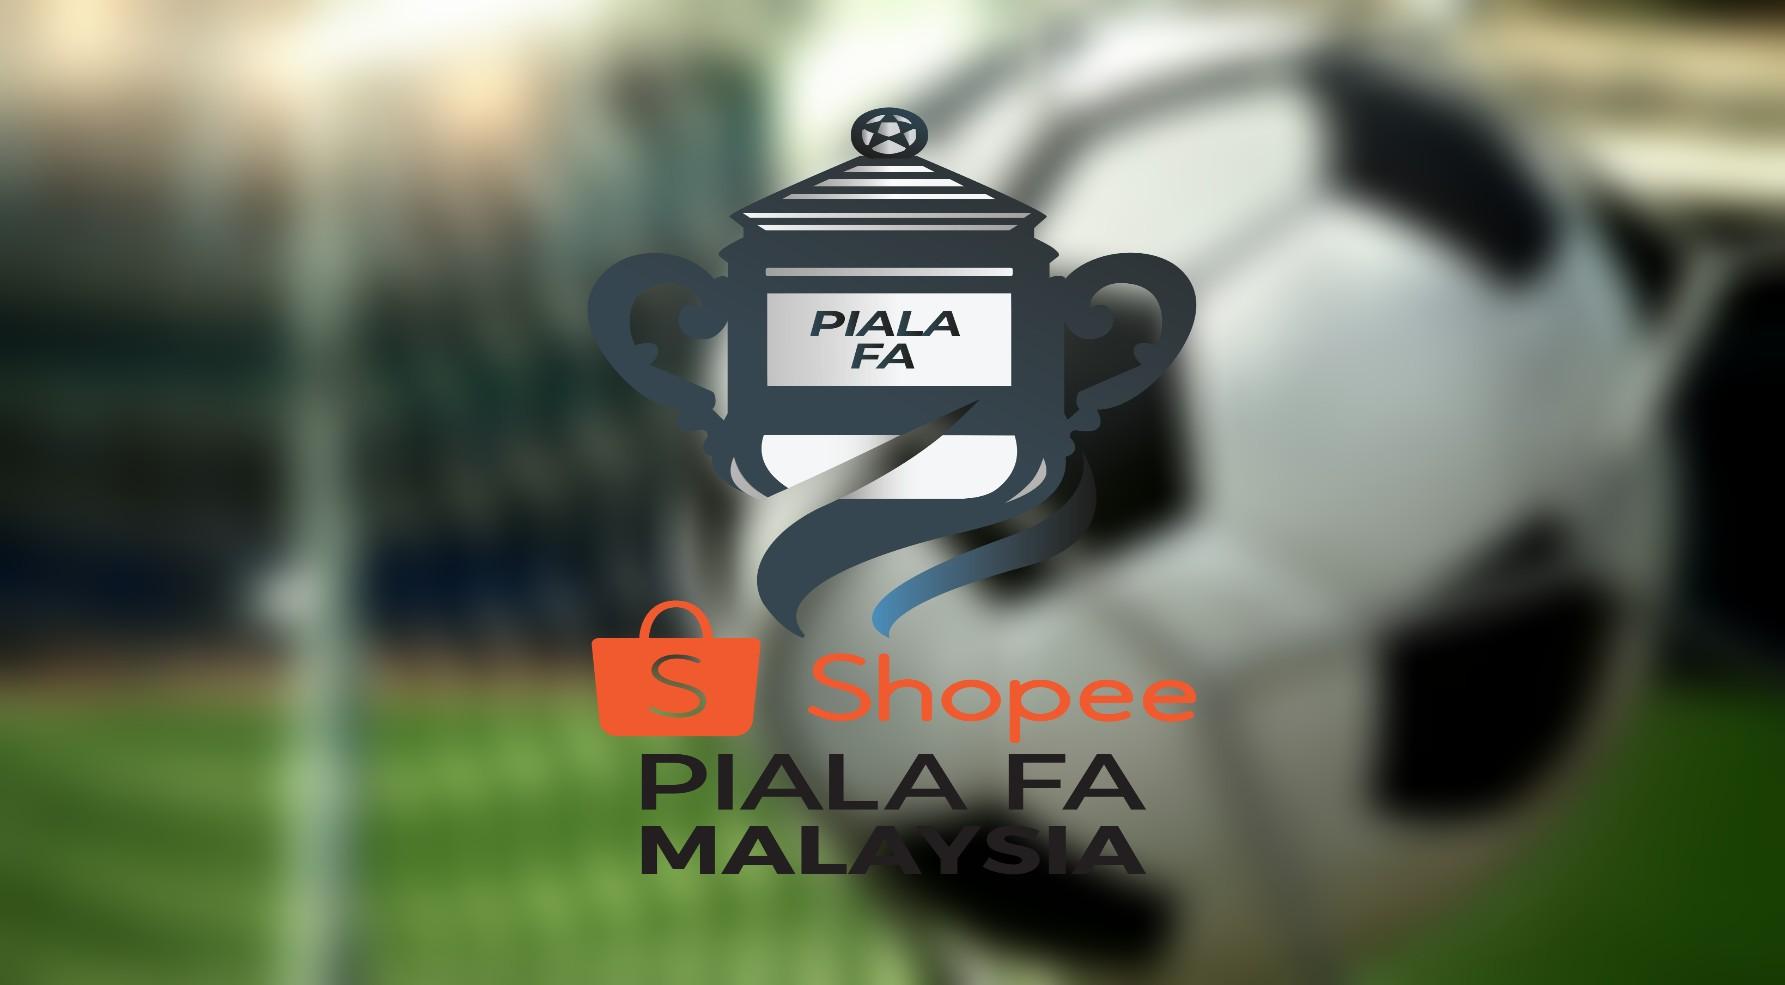 Jadual Piala FA Malaysia 2019 Keputusan Terkini